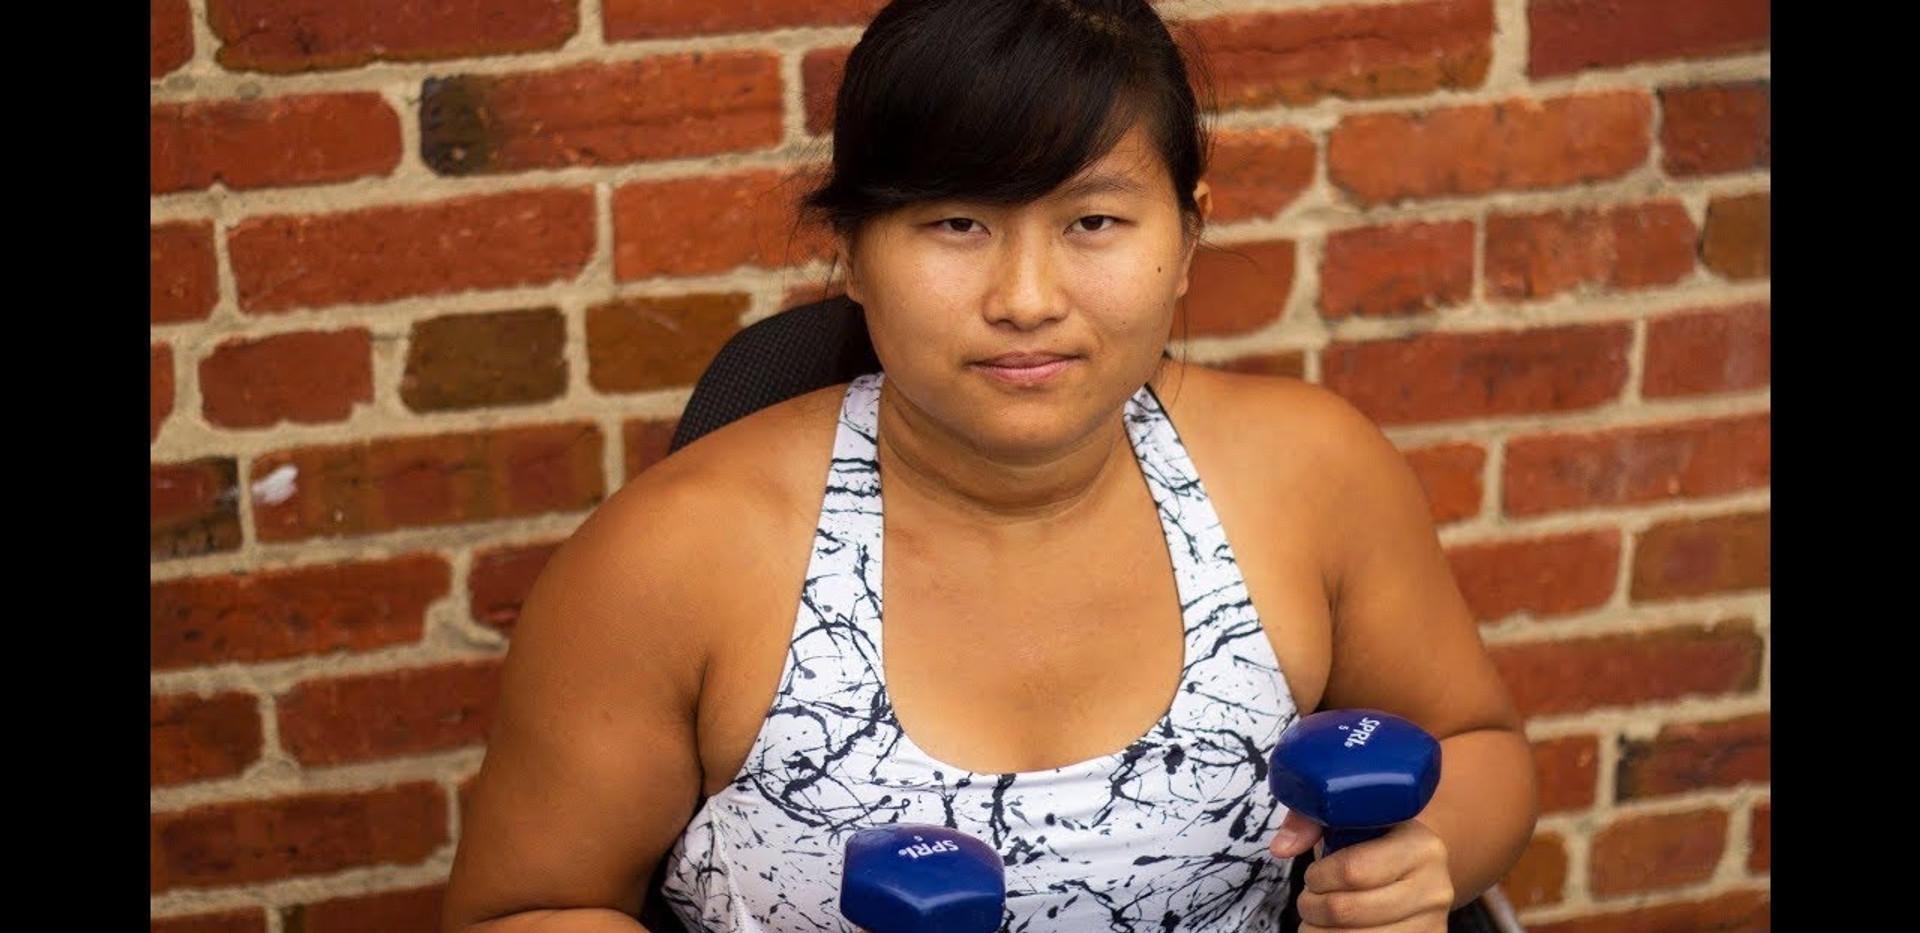 #3: UW School of Medicine Inspired Dumbbell Workouts